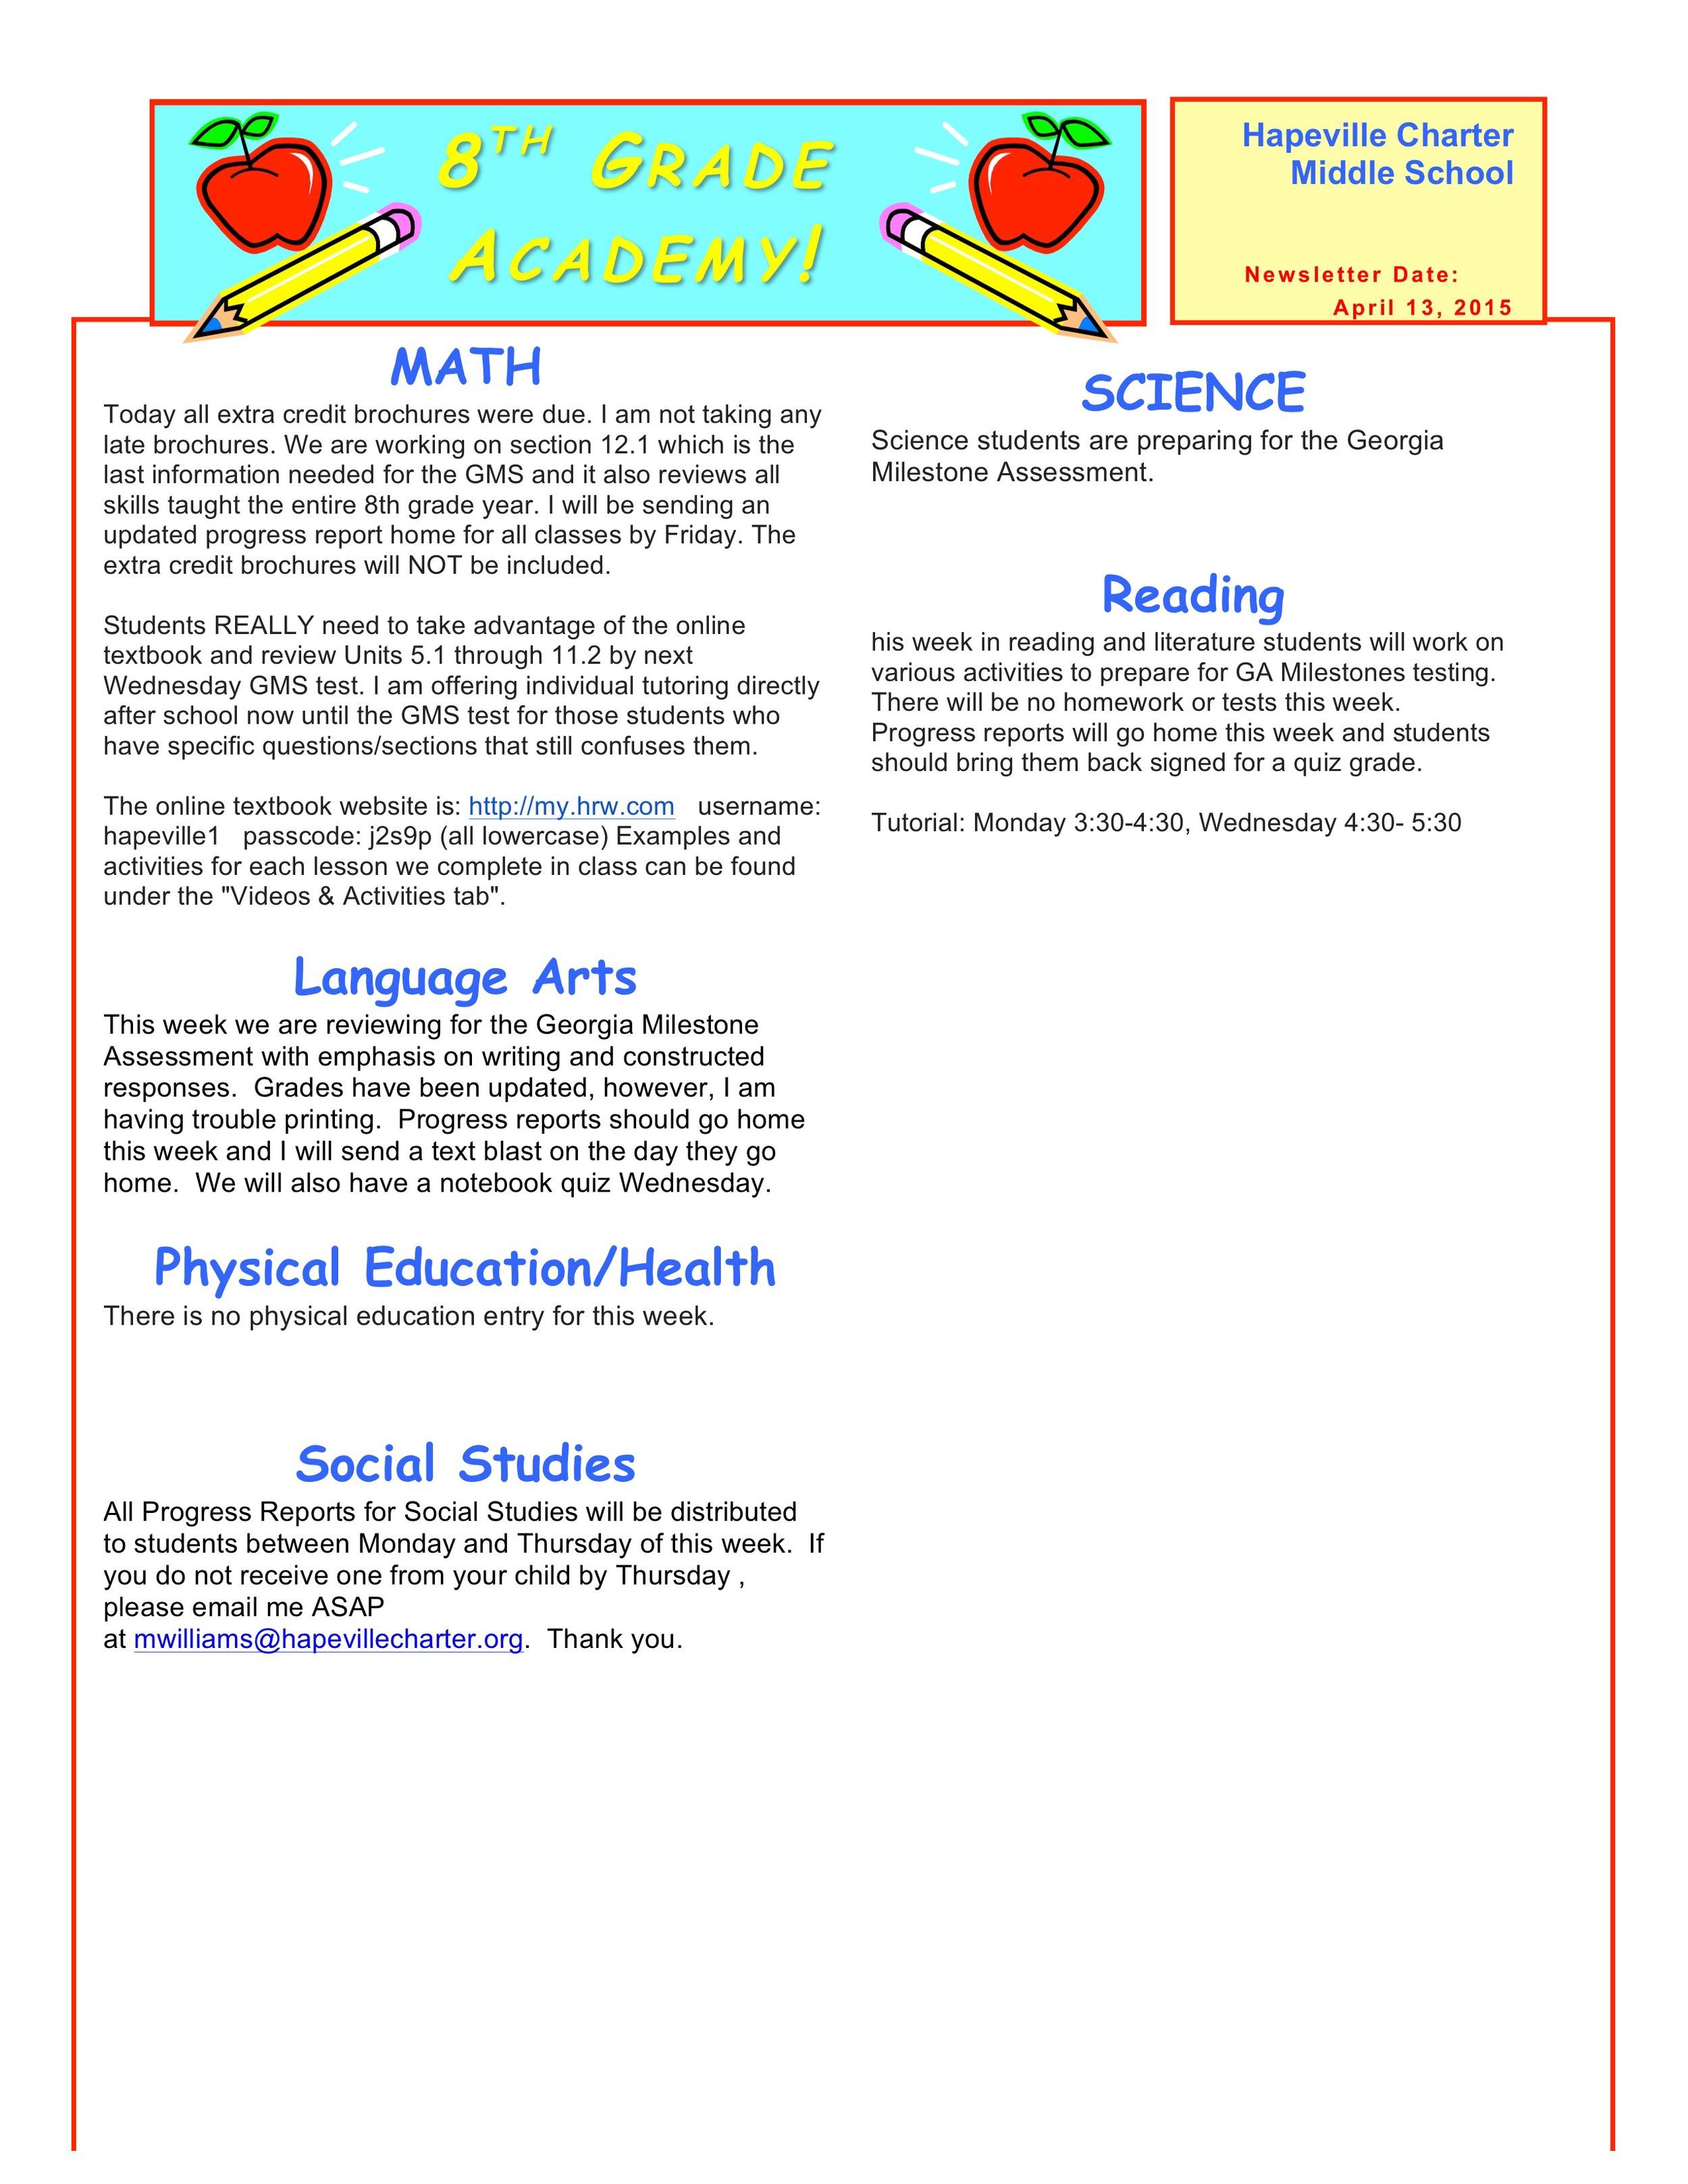 Newsletter Image8th grade April 13.jpeg